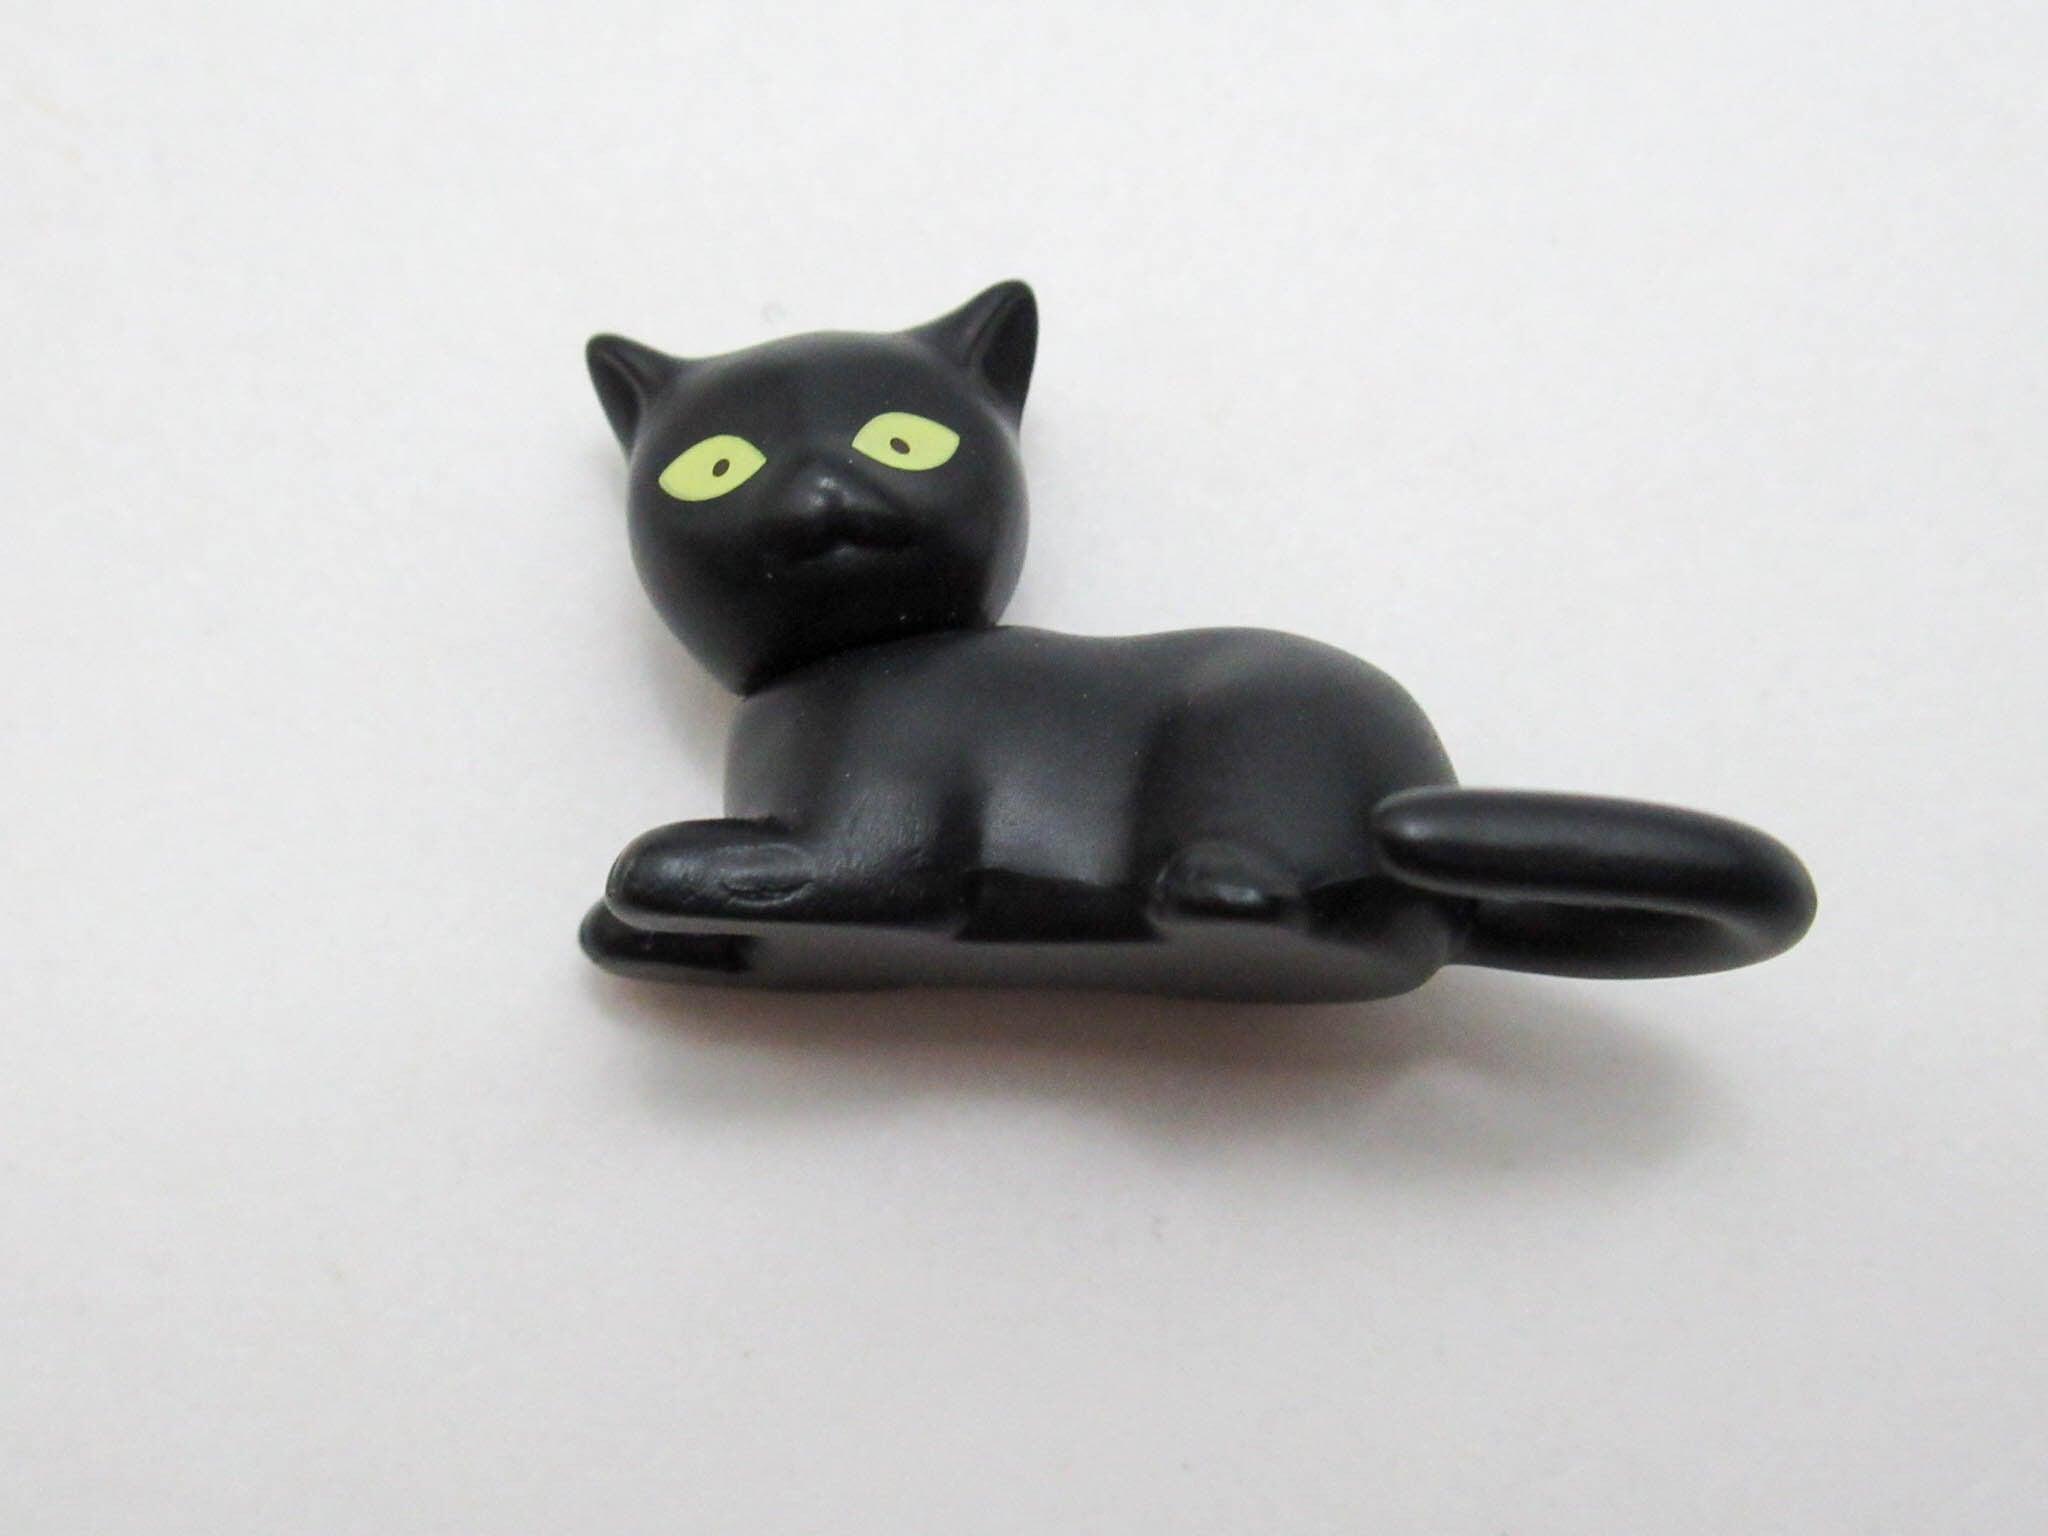 再入荷【943】 菱田春草 小物パーツ 黒猫 ねんどろいど